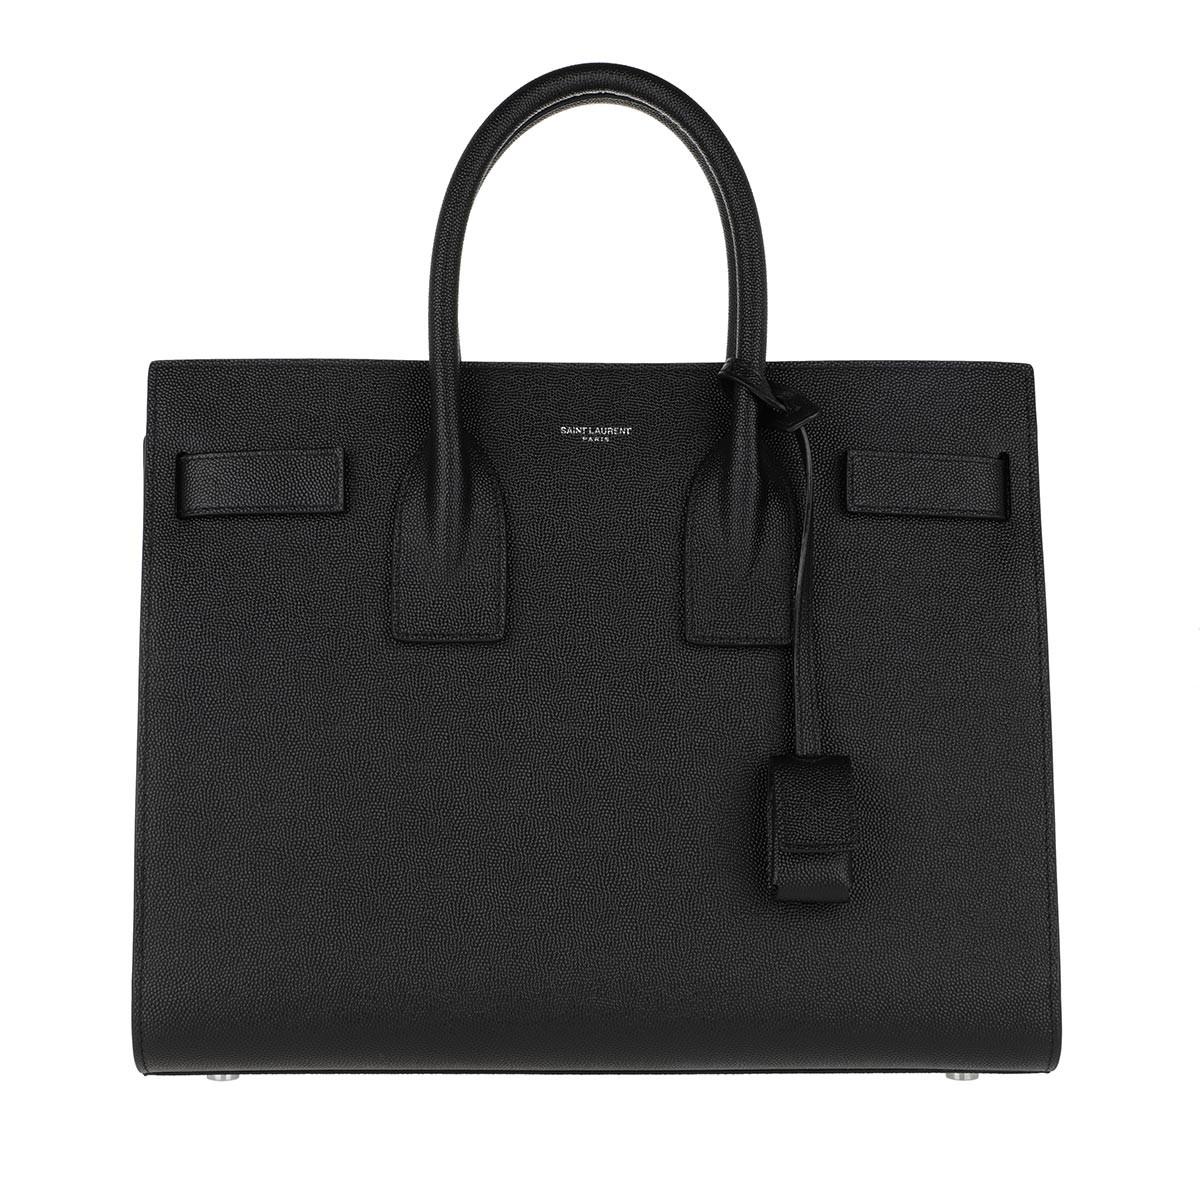 Saint Laurent Tote - Classic Sac De Jour Small Grain De Poudre Leather Black - in schwarz - für Damen